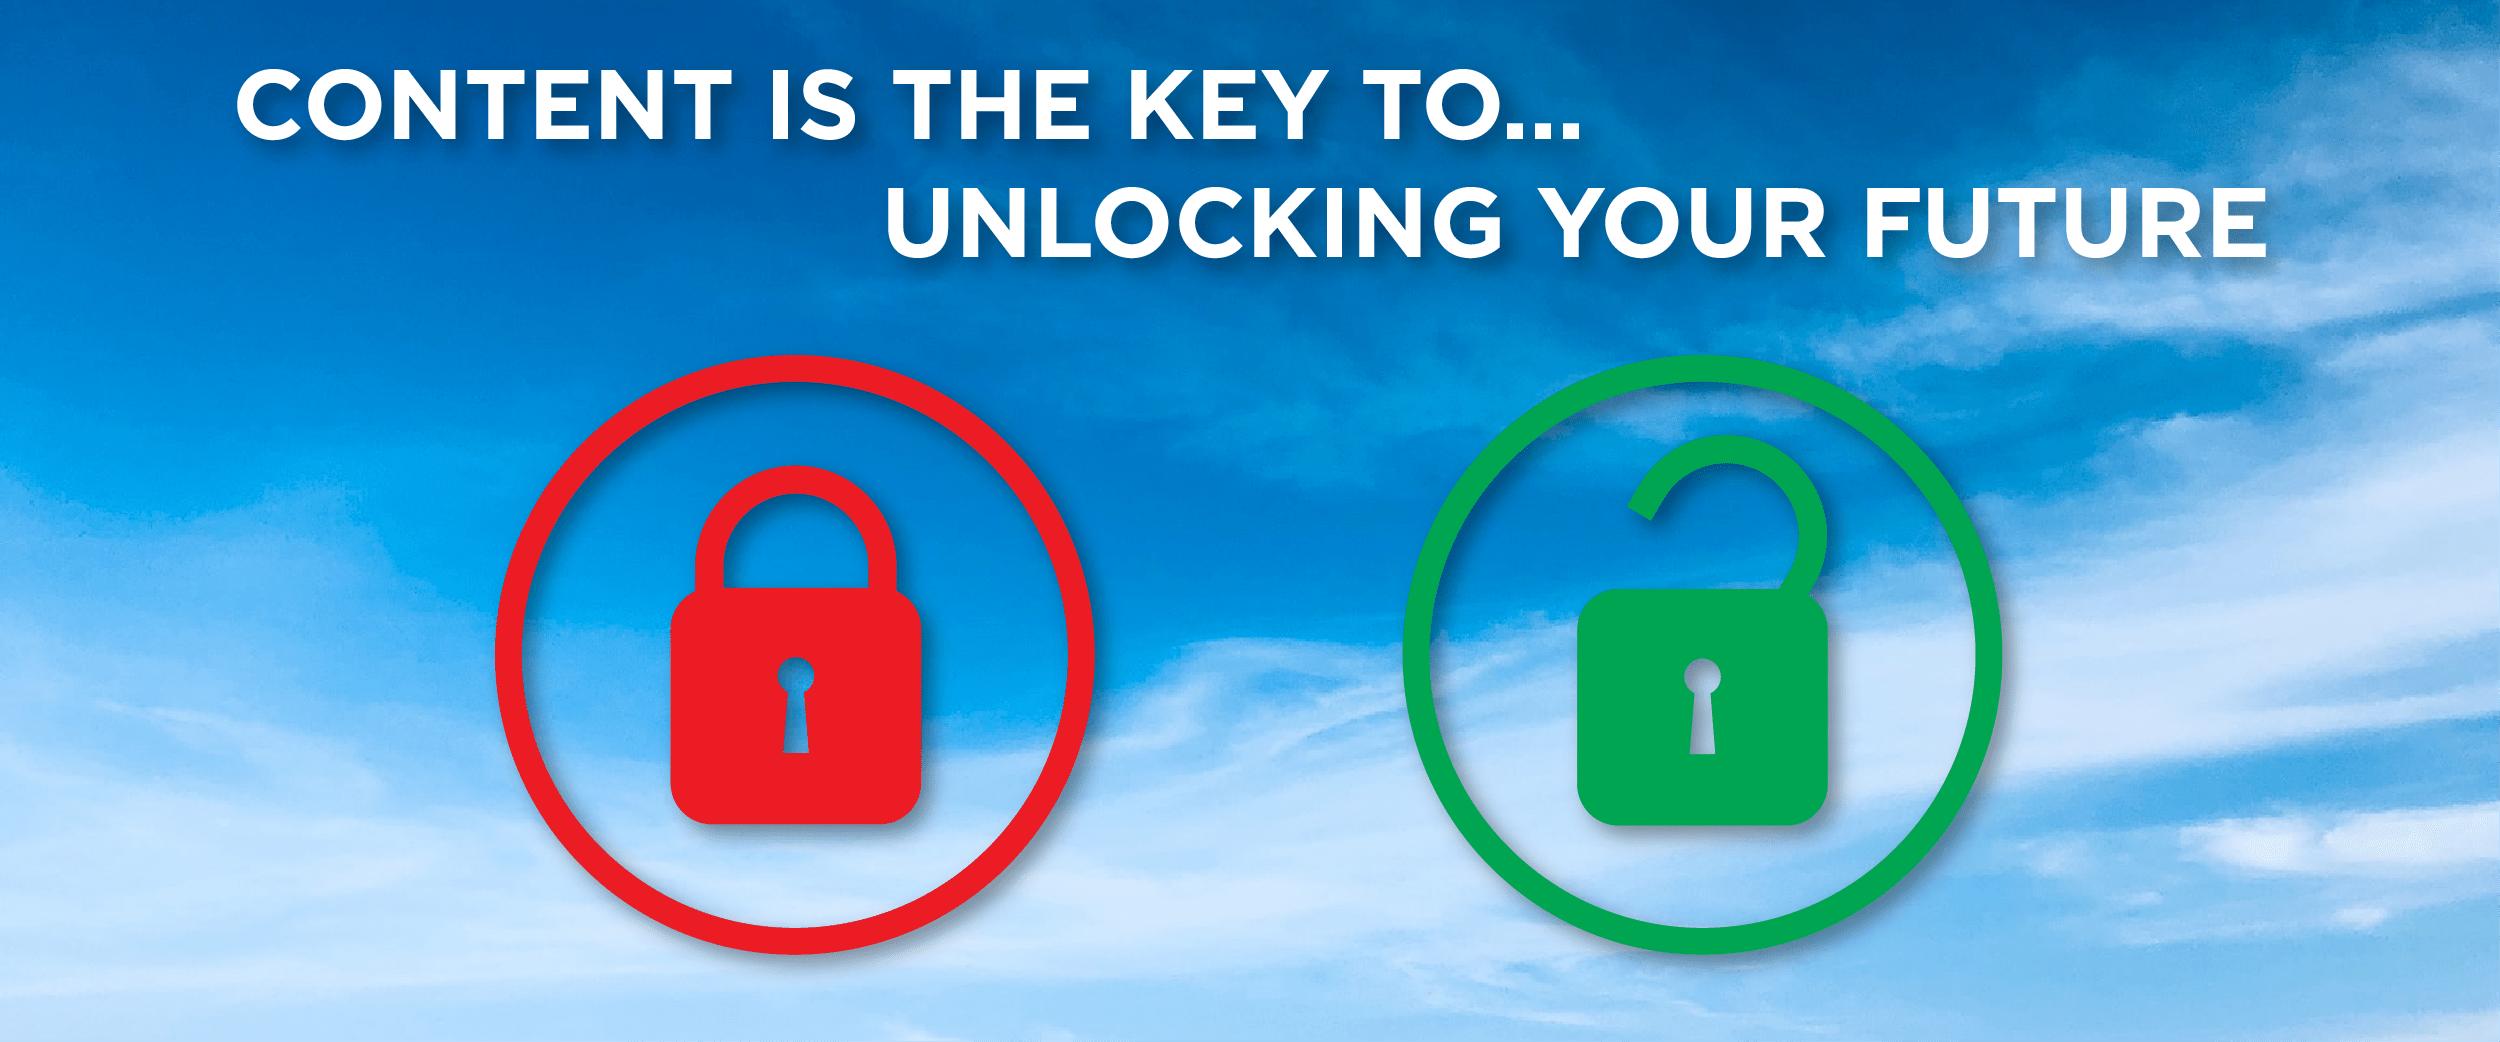 Content unlocks the future.